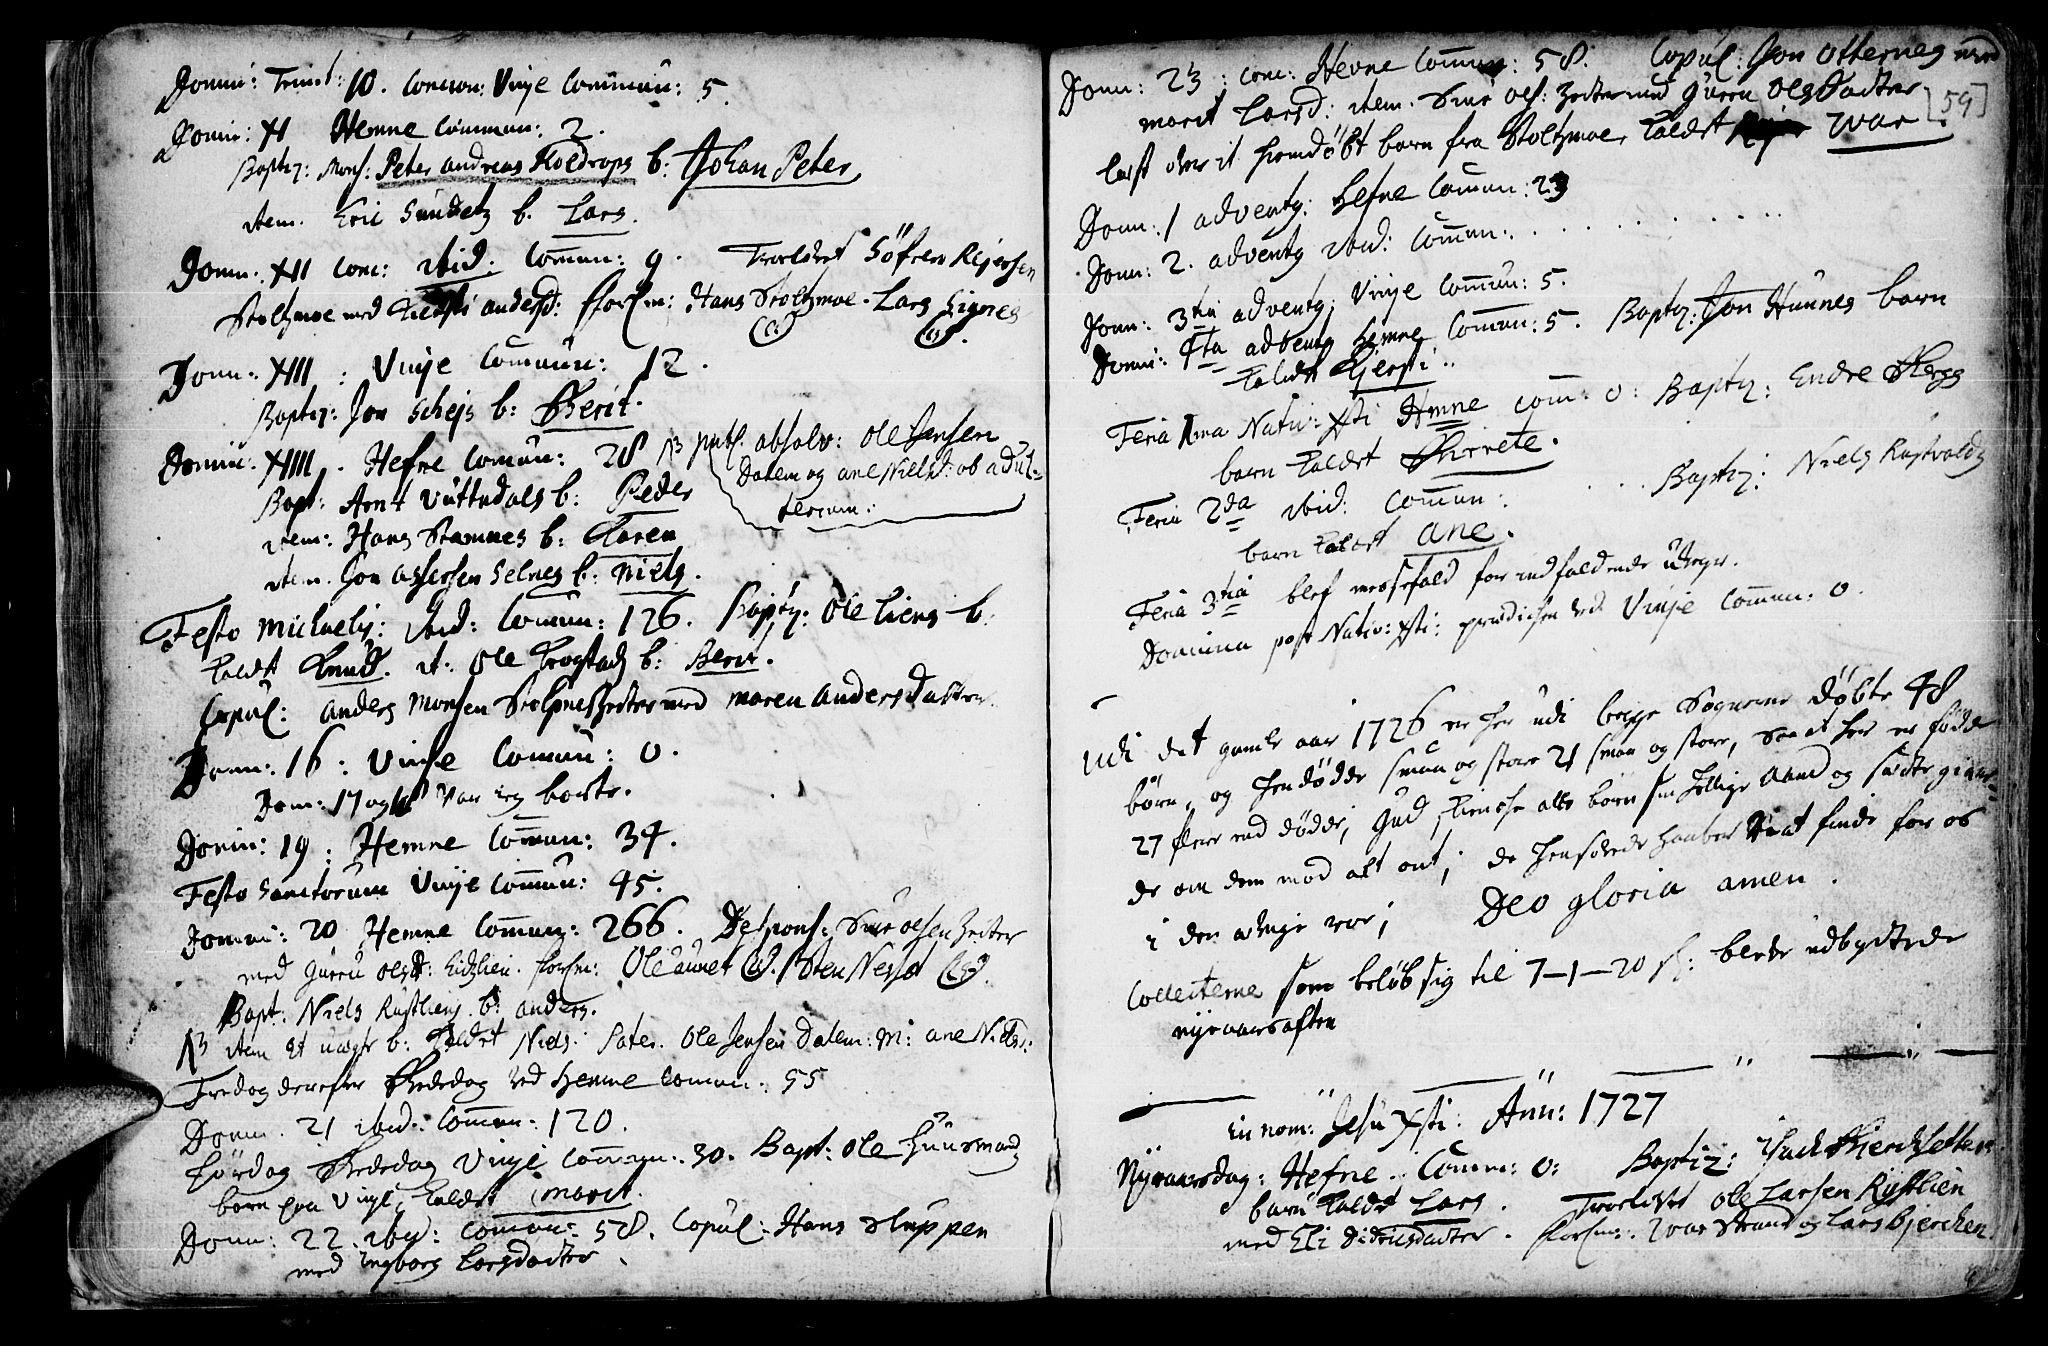 SAT, Ministerialprotokoller, klokkerbøker og fødselsregistre - Sør-Trøndelag, 630/L0488: Ministerialbok nr. 630A01, 1717-1756, s. 58-59